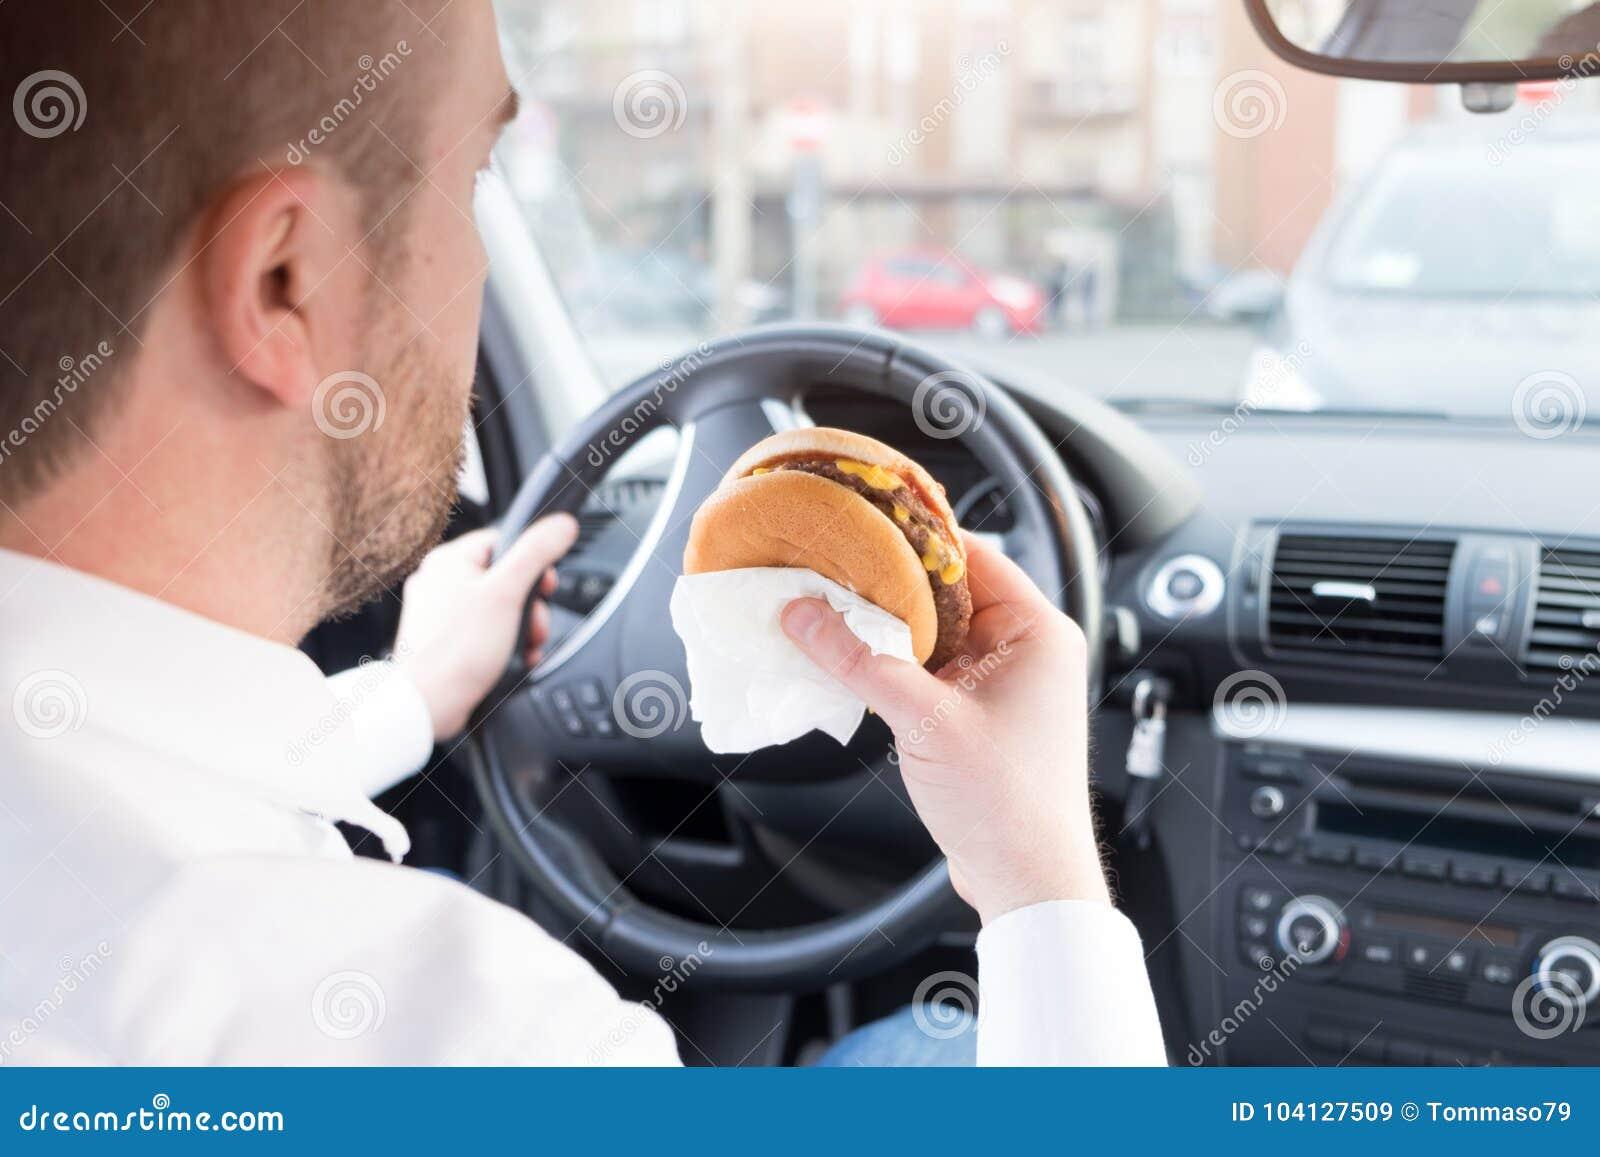 Comida lixo antropófaga e condução assentadas no carro